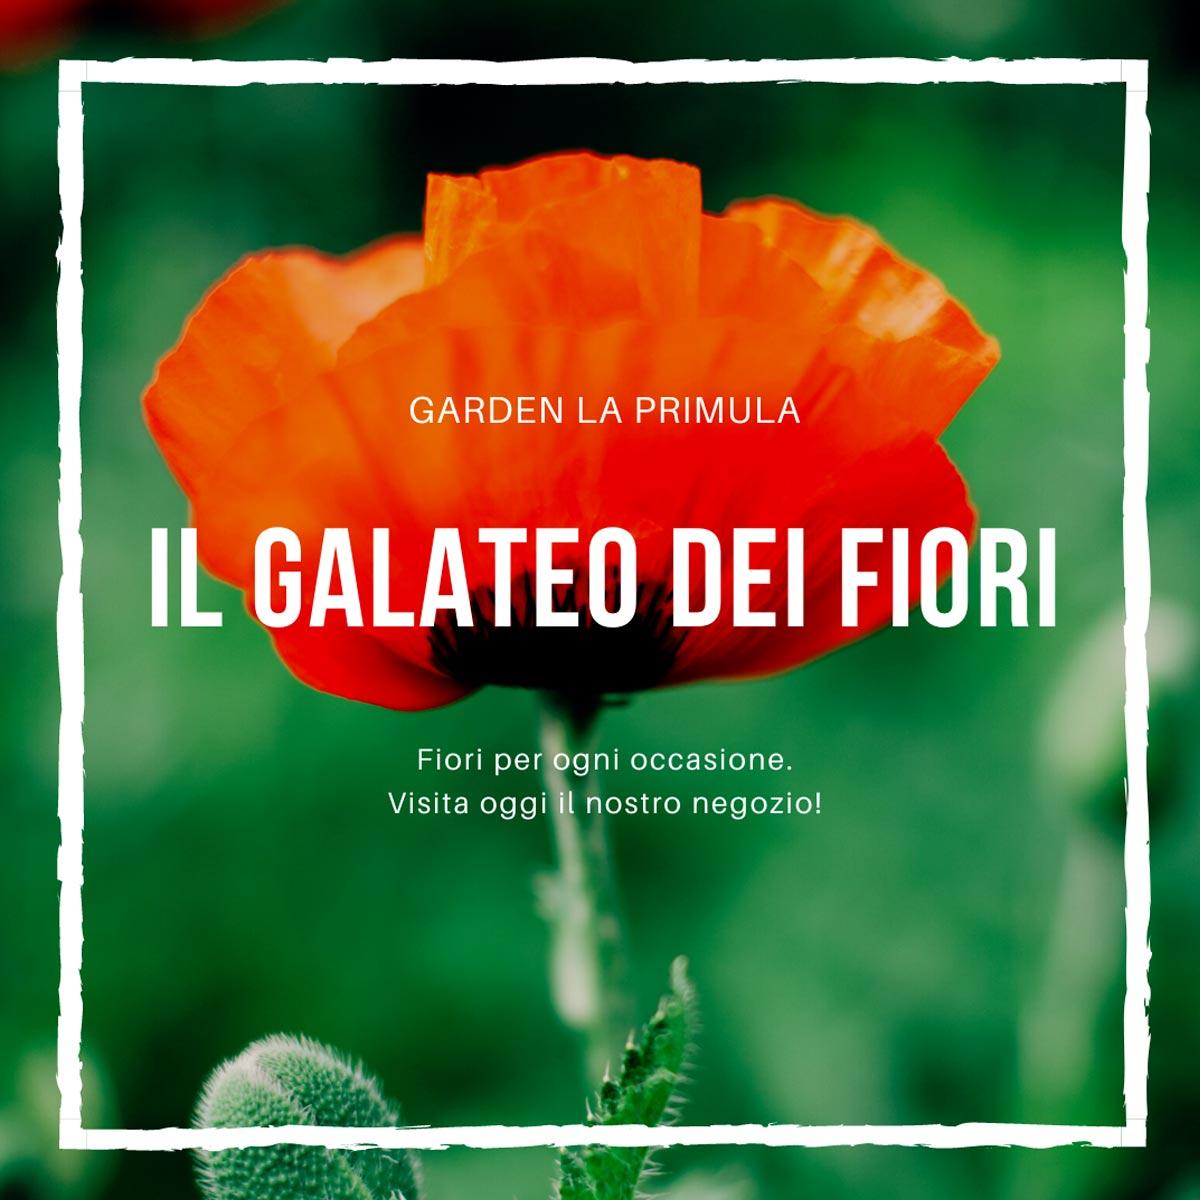 Garrden La Primula Galateo Dei Fiori